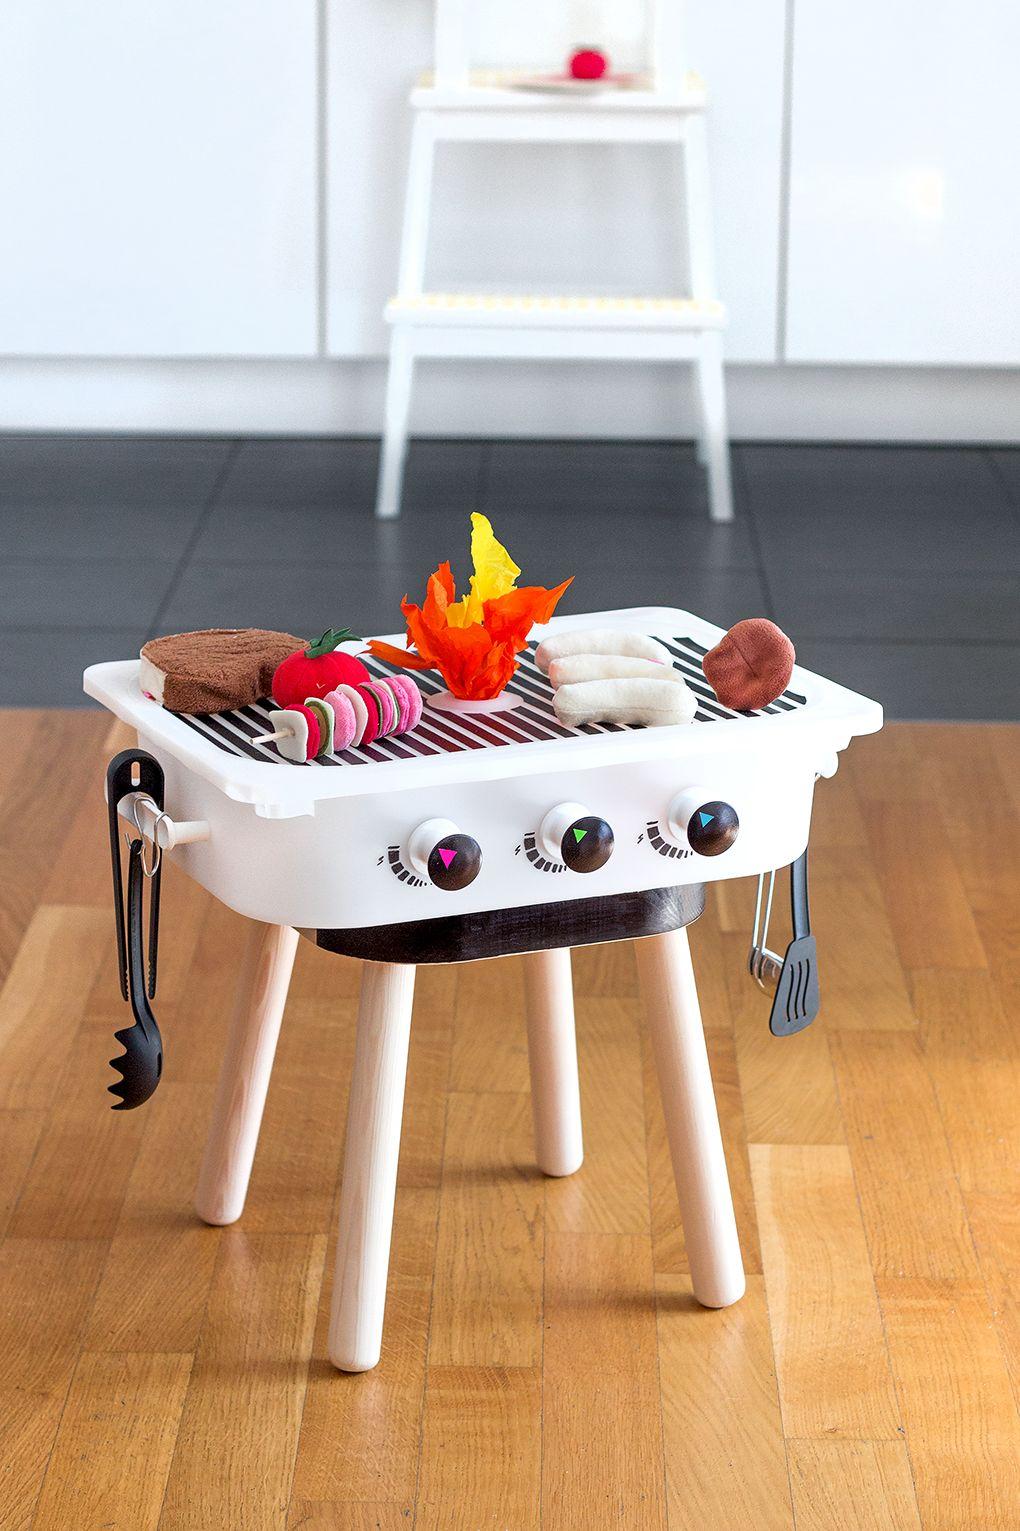 Küche dekorieren ideen von joanna gewinnt ikeahack ikeahack kinder ideen ikeahack ikea diy diy kinder